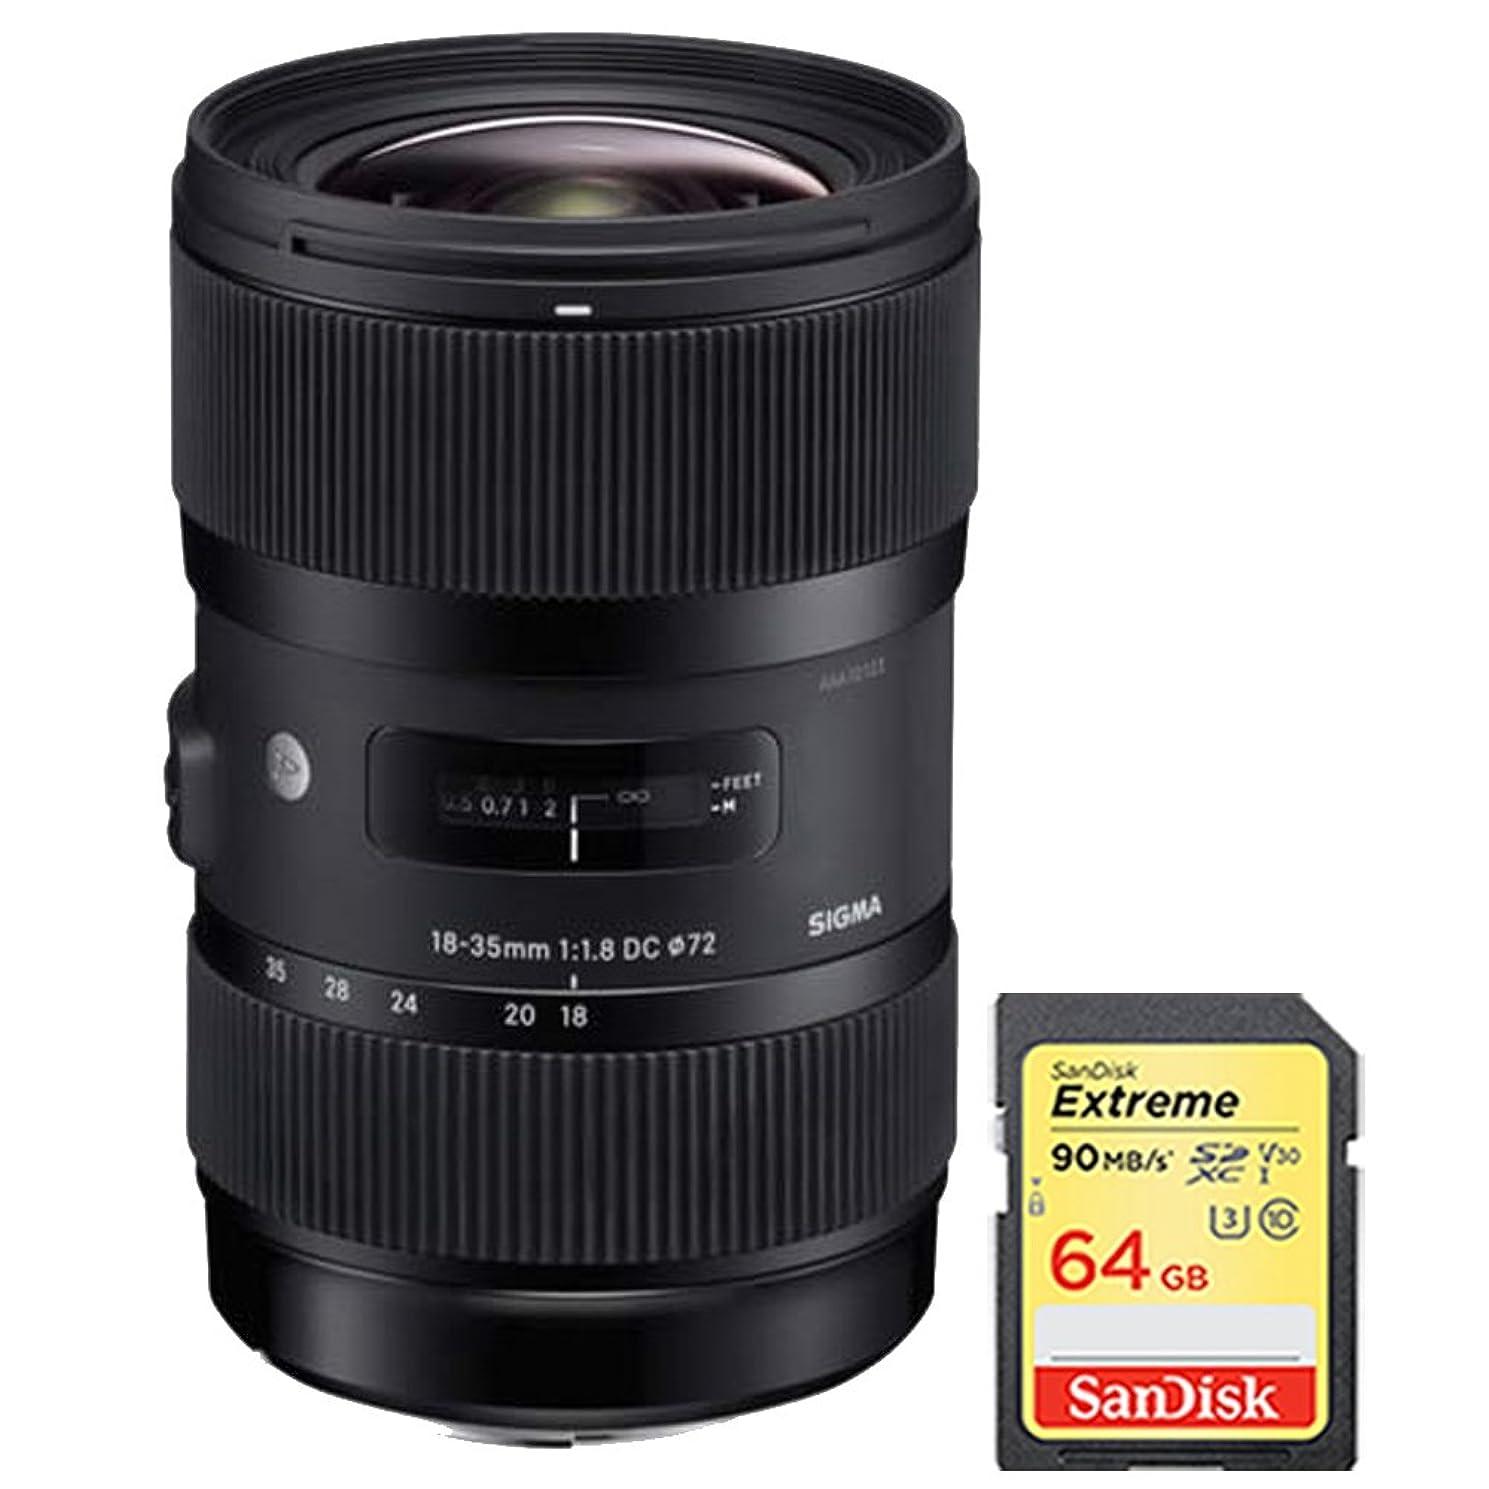 Sigma AF 18-35mm f/1.8 DC HSM Lens for Nikon includes Bonus Sandisk 64GB Memory Card